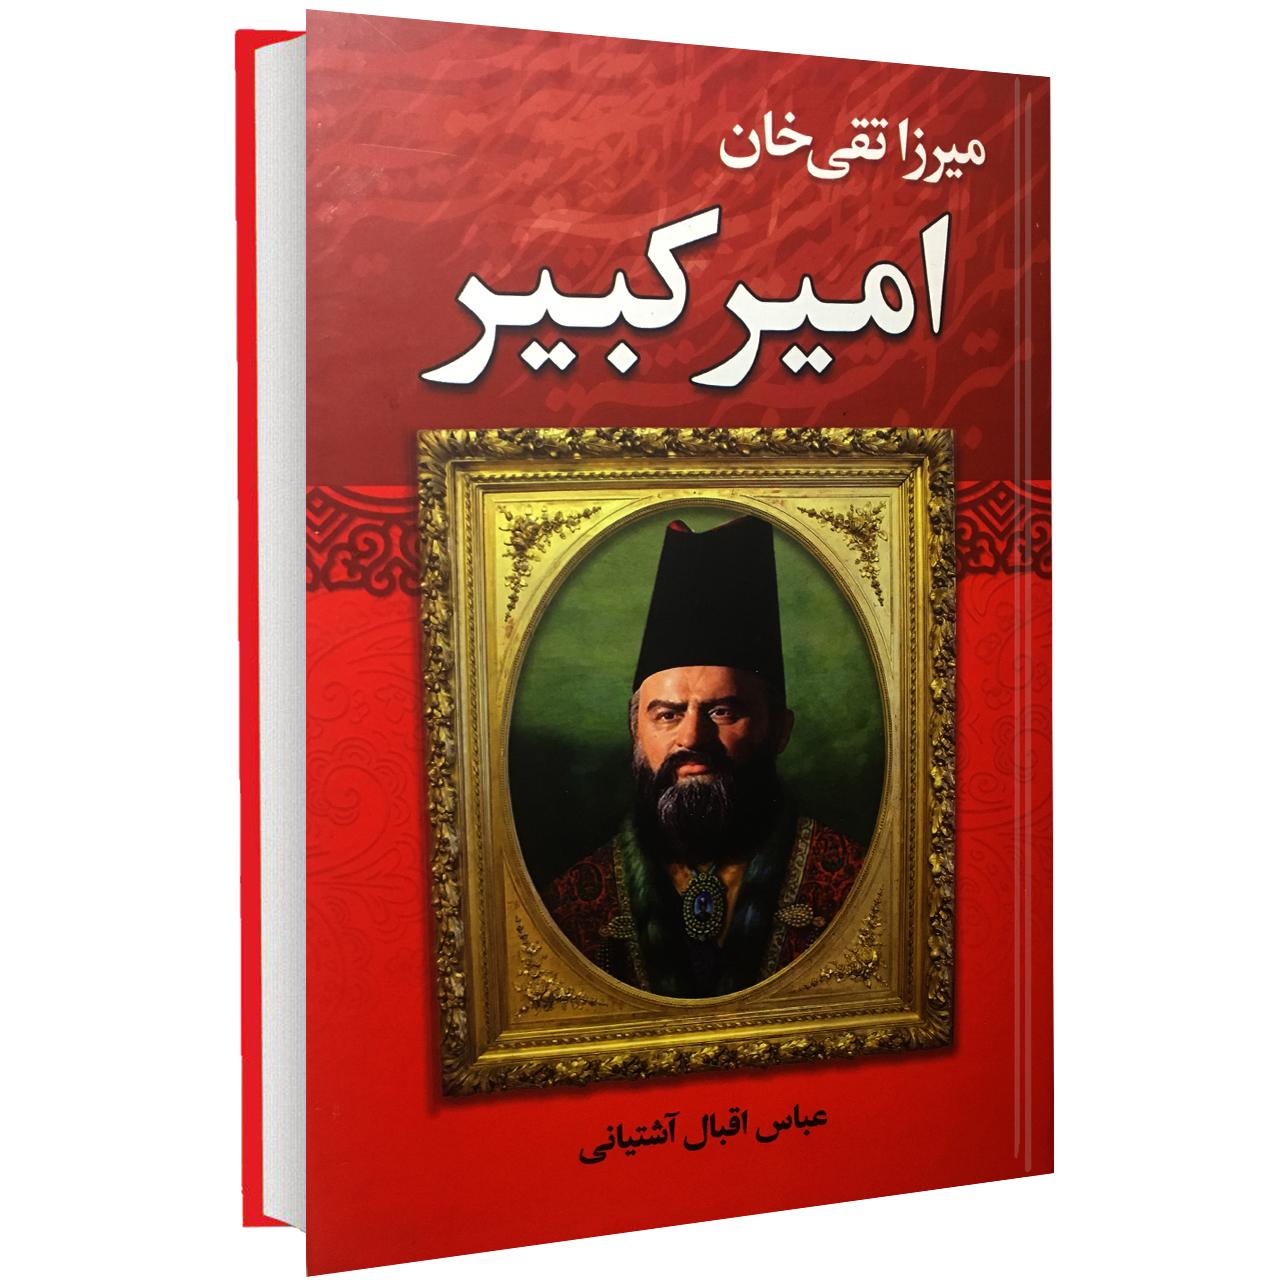 خرید                      کتاب میرزا تقی خان امیر کبیر اثر عباس اقبال آشتیانی نشر نوید صبح